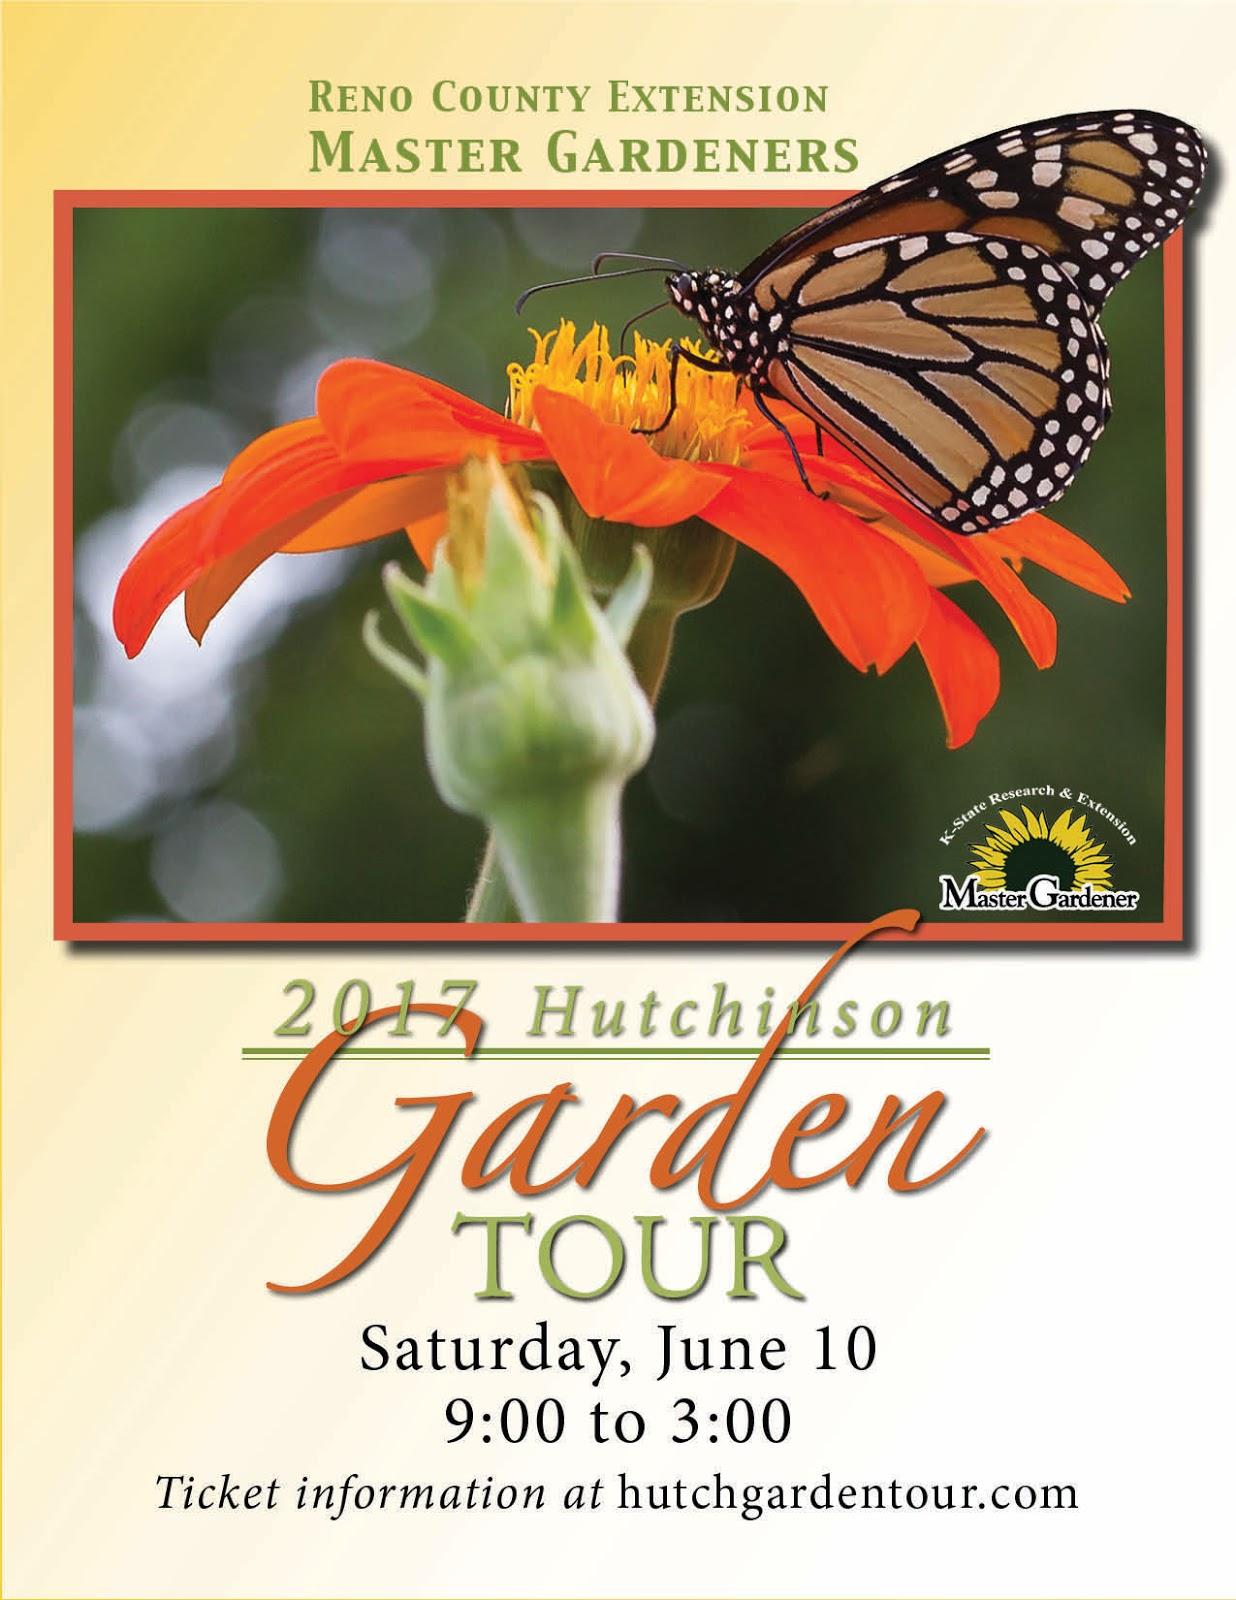 Garden Tour Poster for 2017